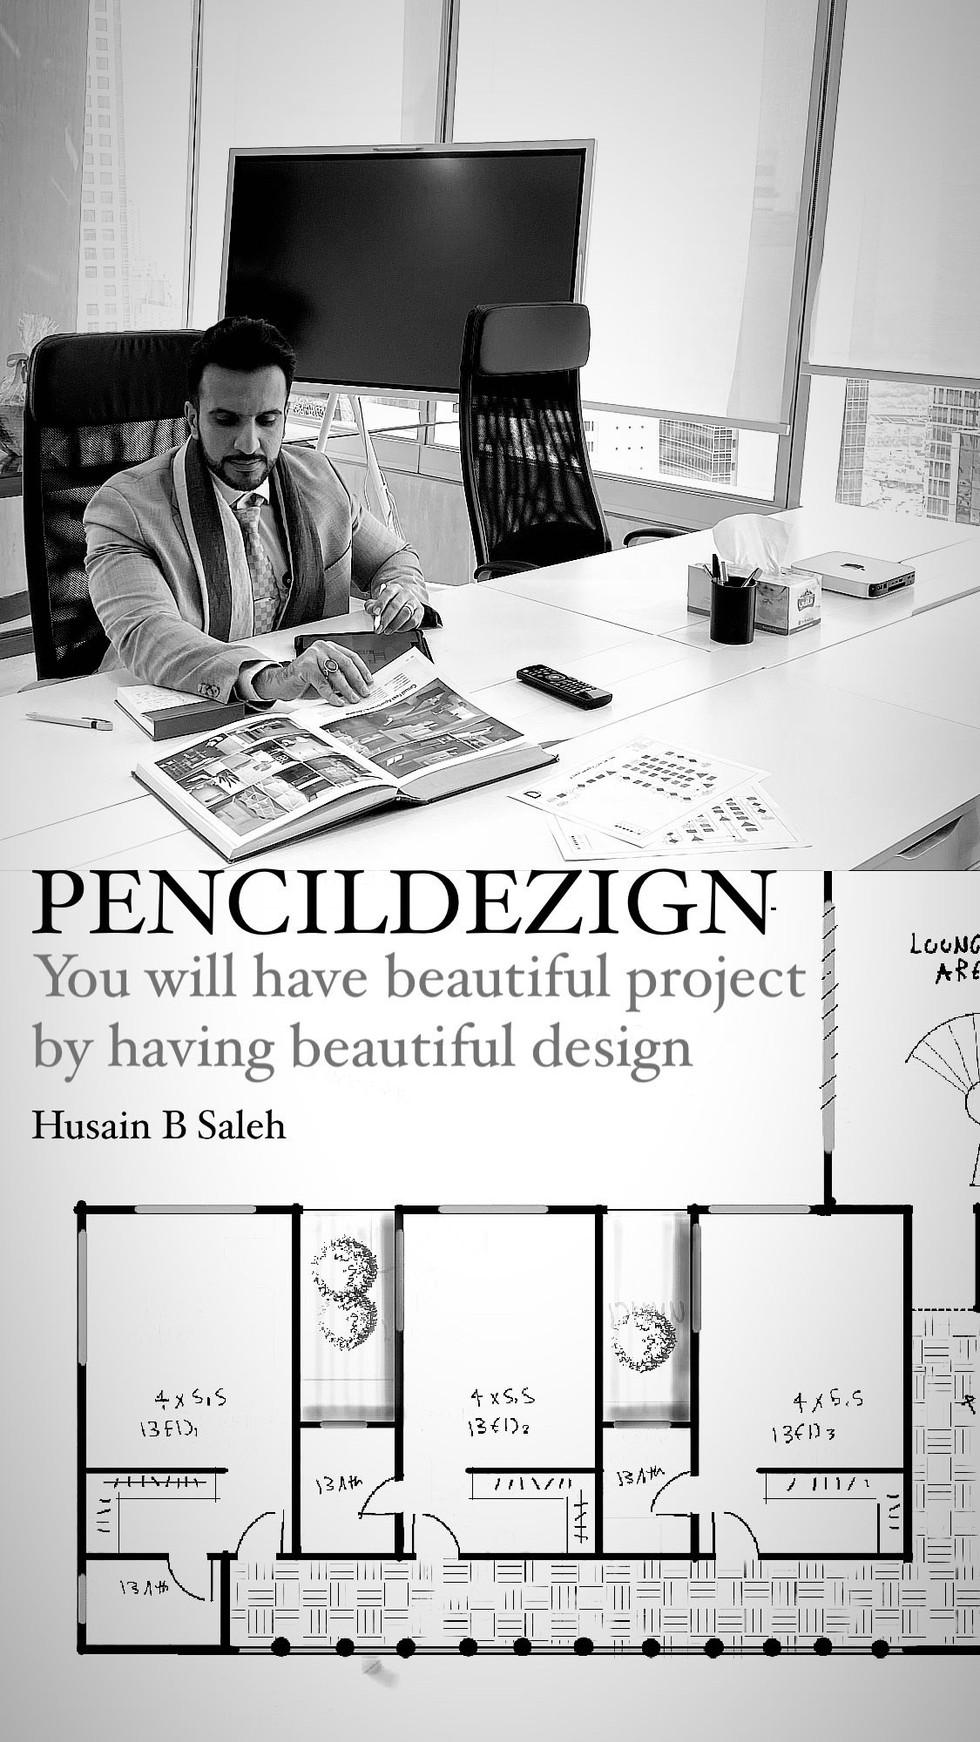 المشروع الجميل ناتج من تصميم جميل